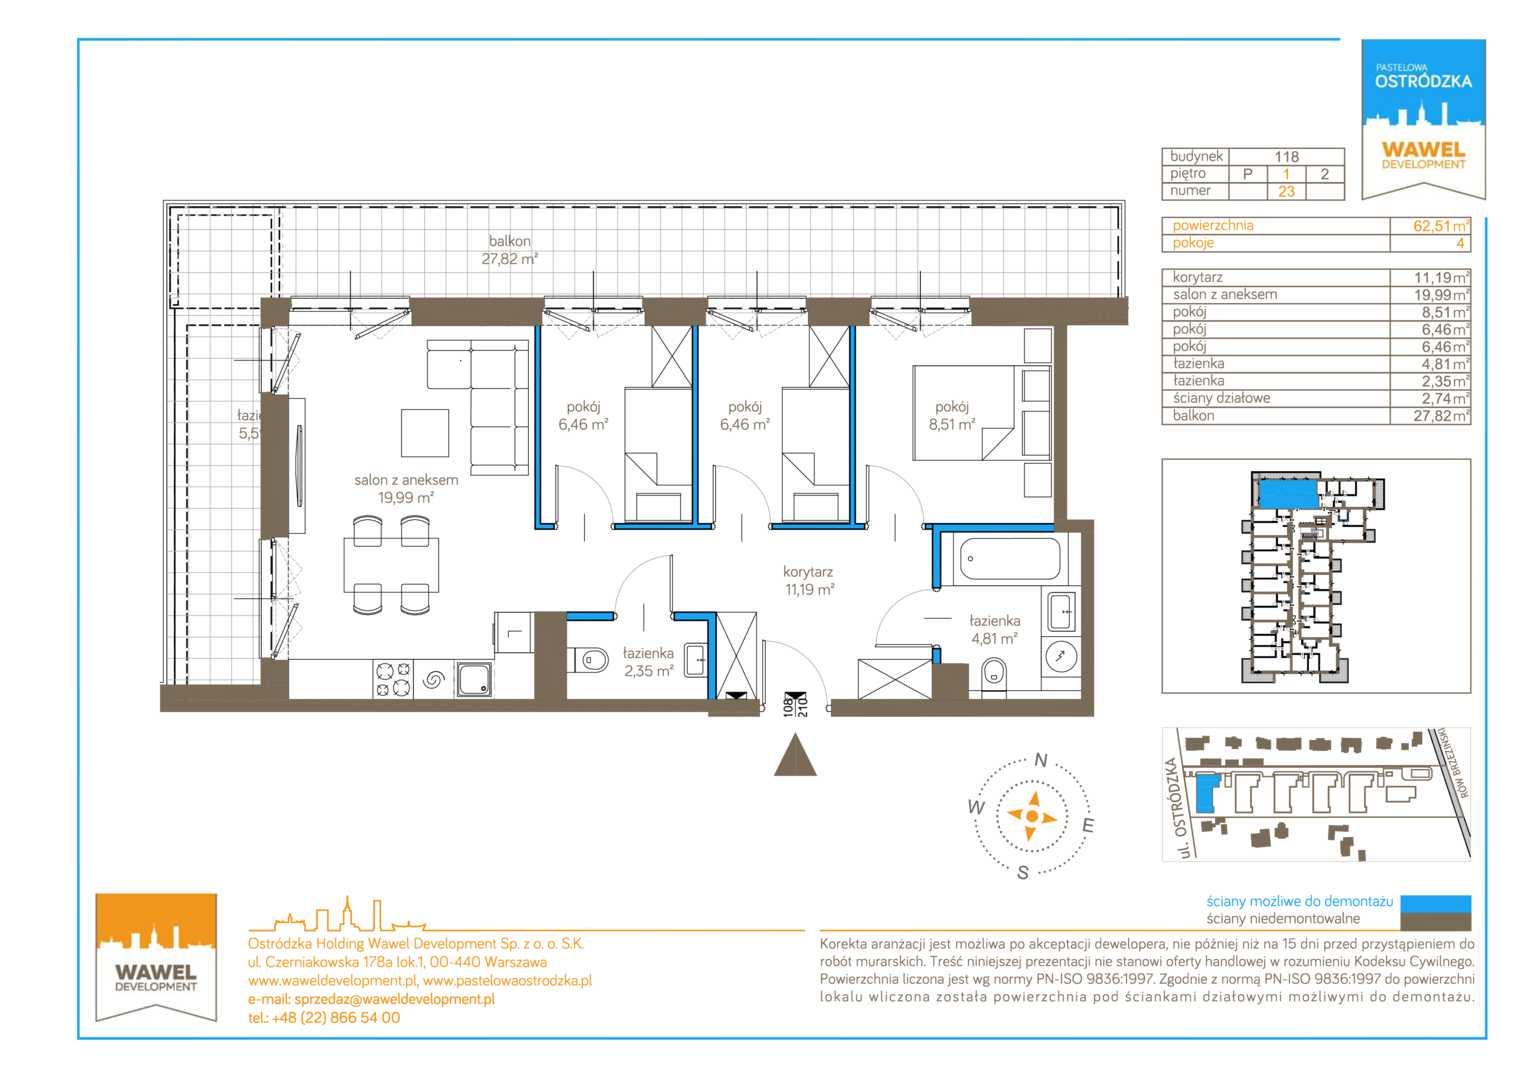 Mieszkanie w inwestycji: Pastelowa Ostródzka